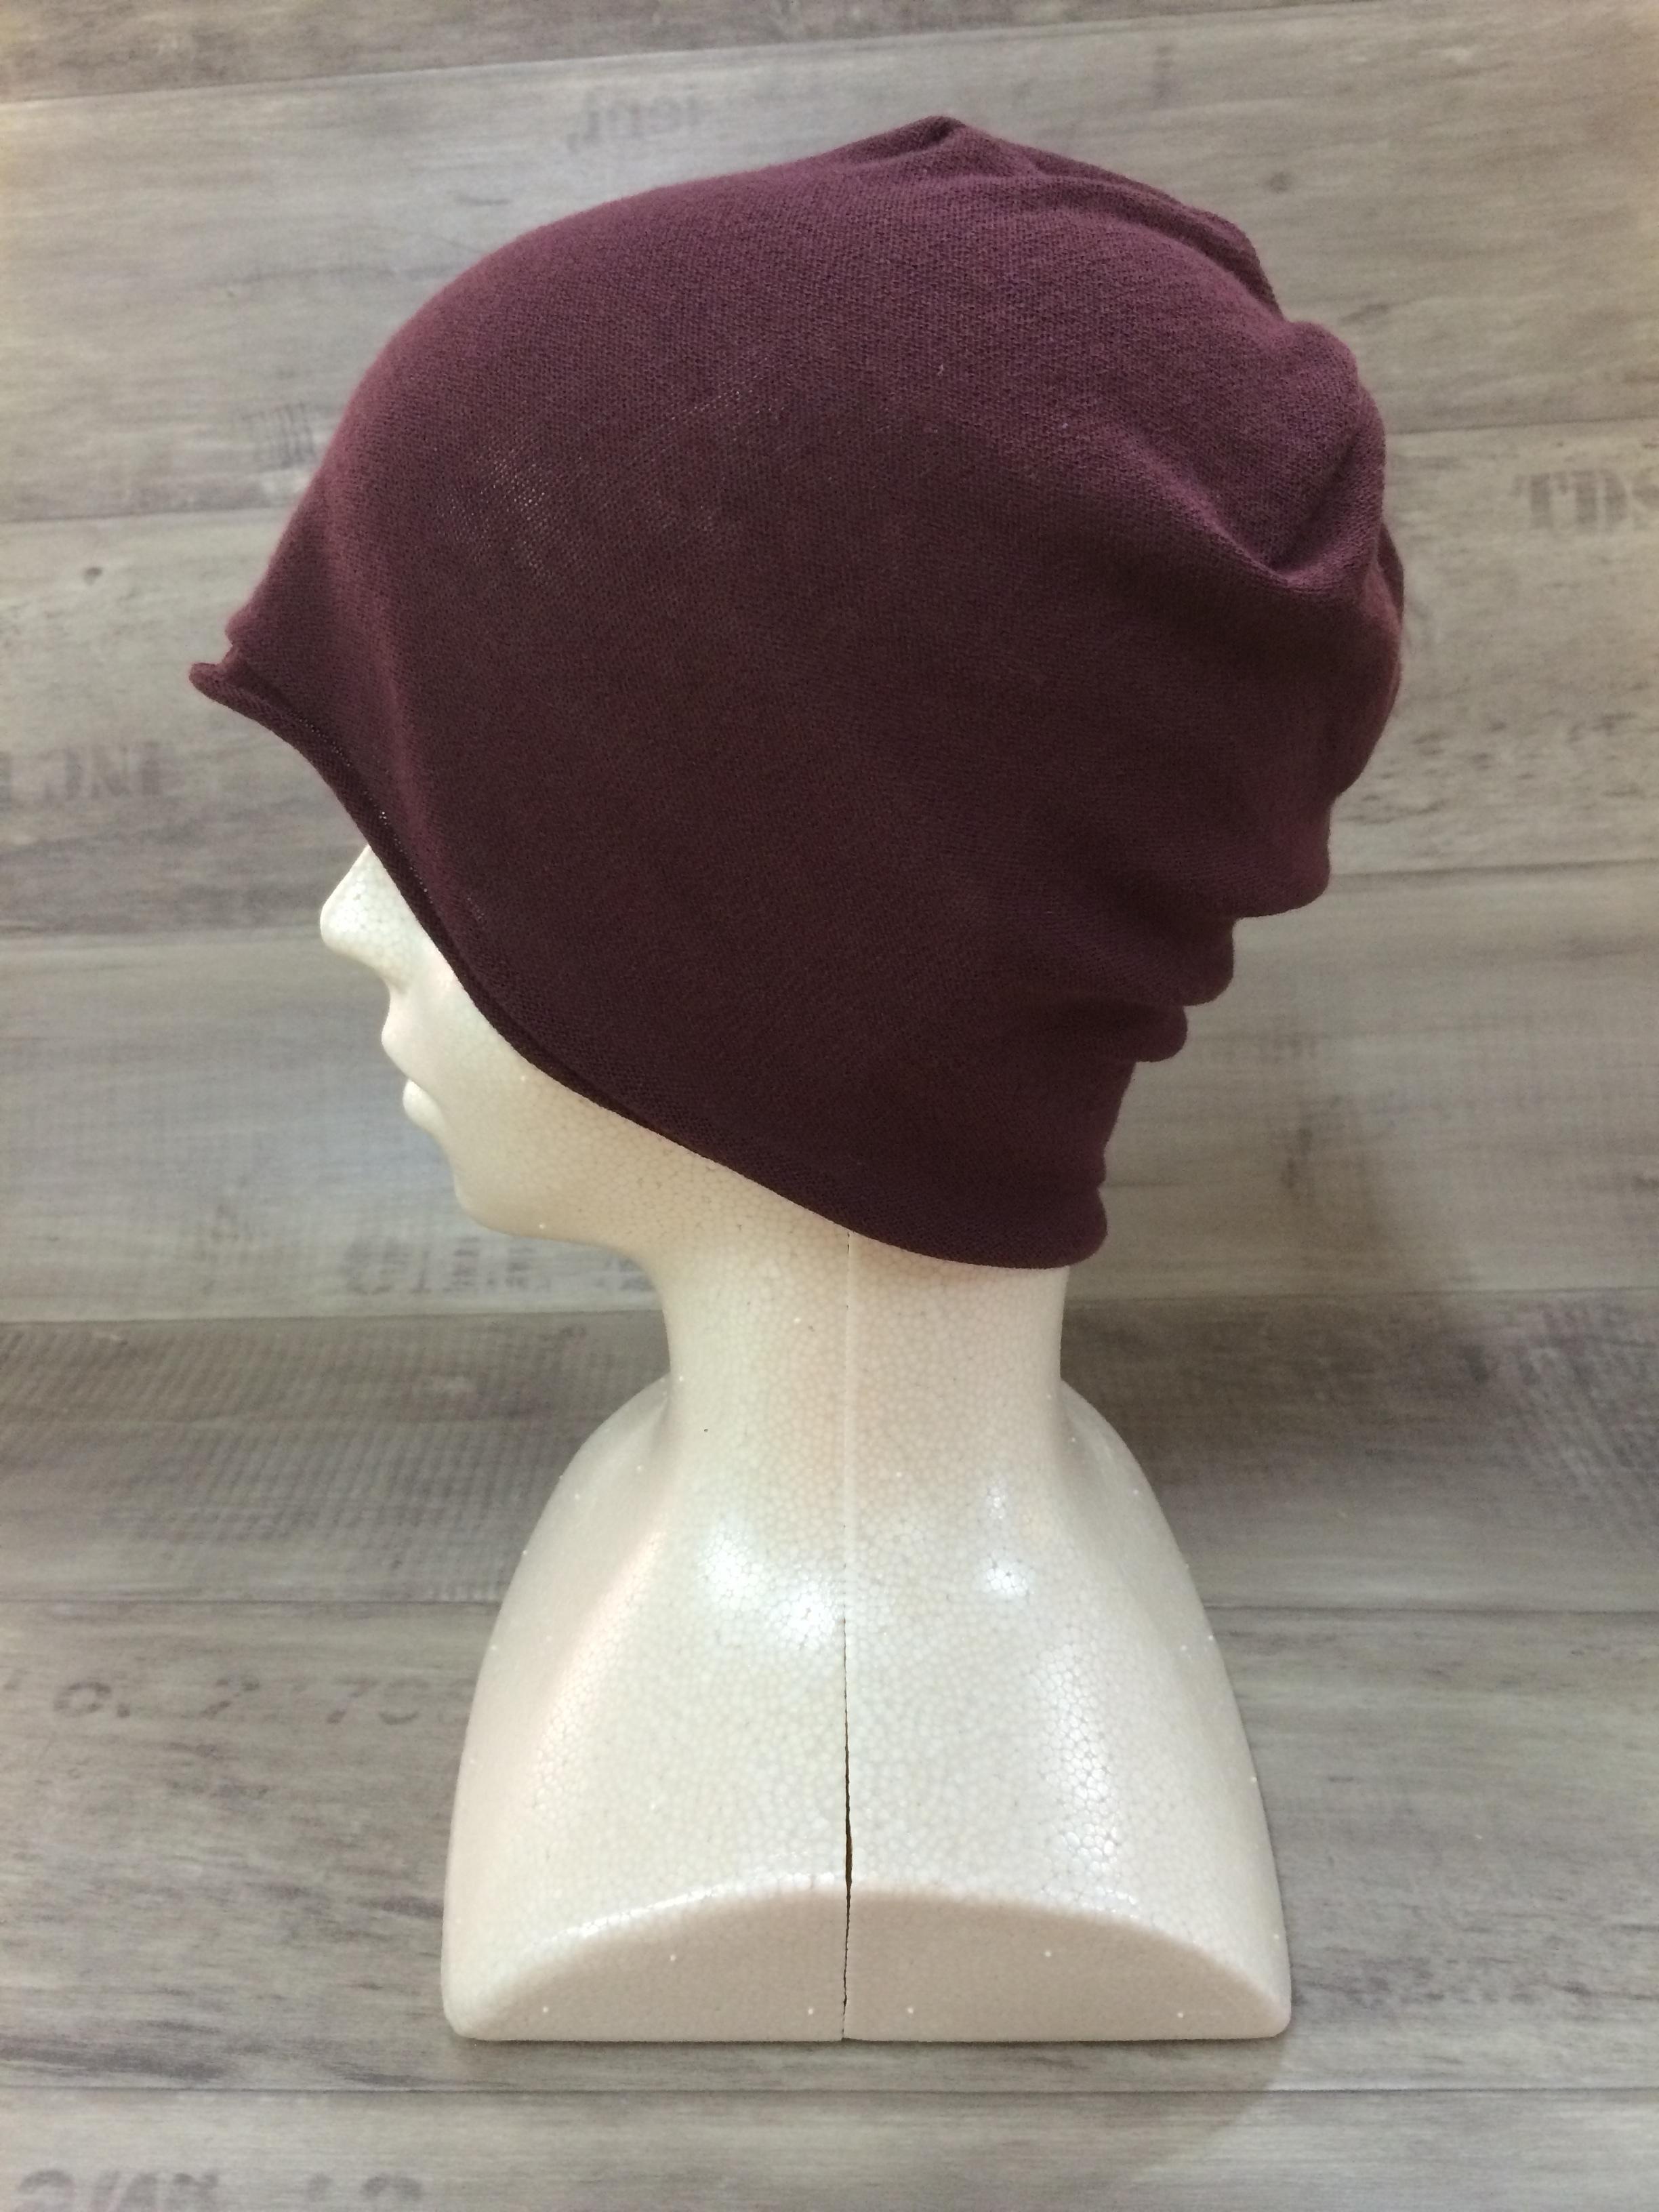 【送料無料】こころが軽くなるニット帽子amuamu|新潟の老舗ニットメーカーが考案した抗がん治療中の脱毛ストレスを軽減する機能性と豊富なデザイン NB-6060|黒鳶(くろとび)